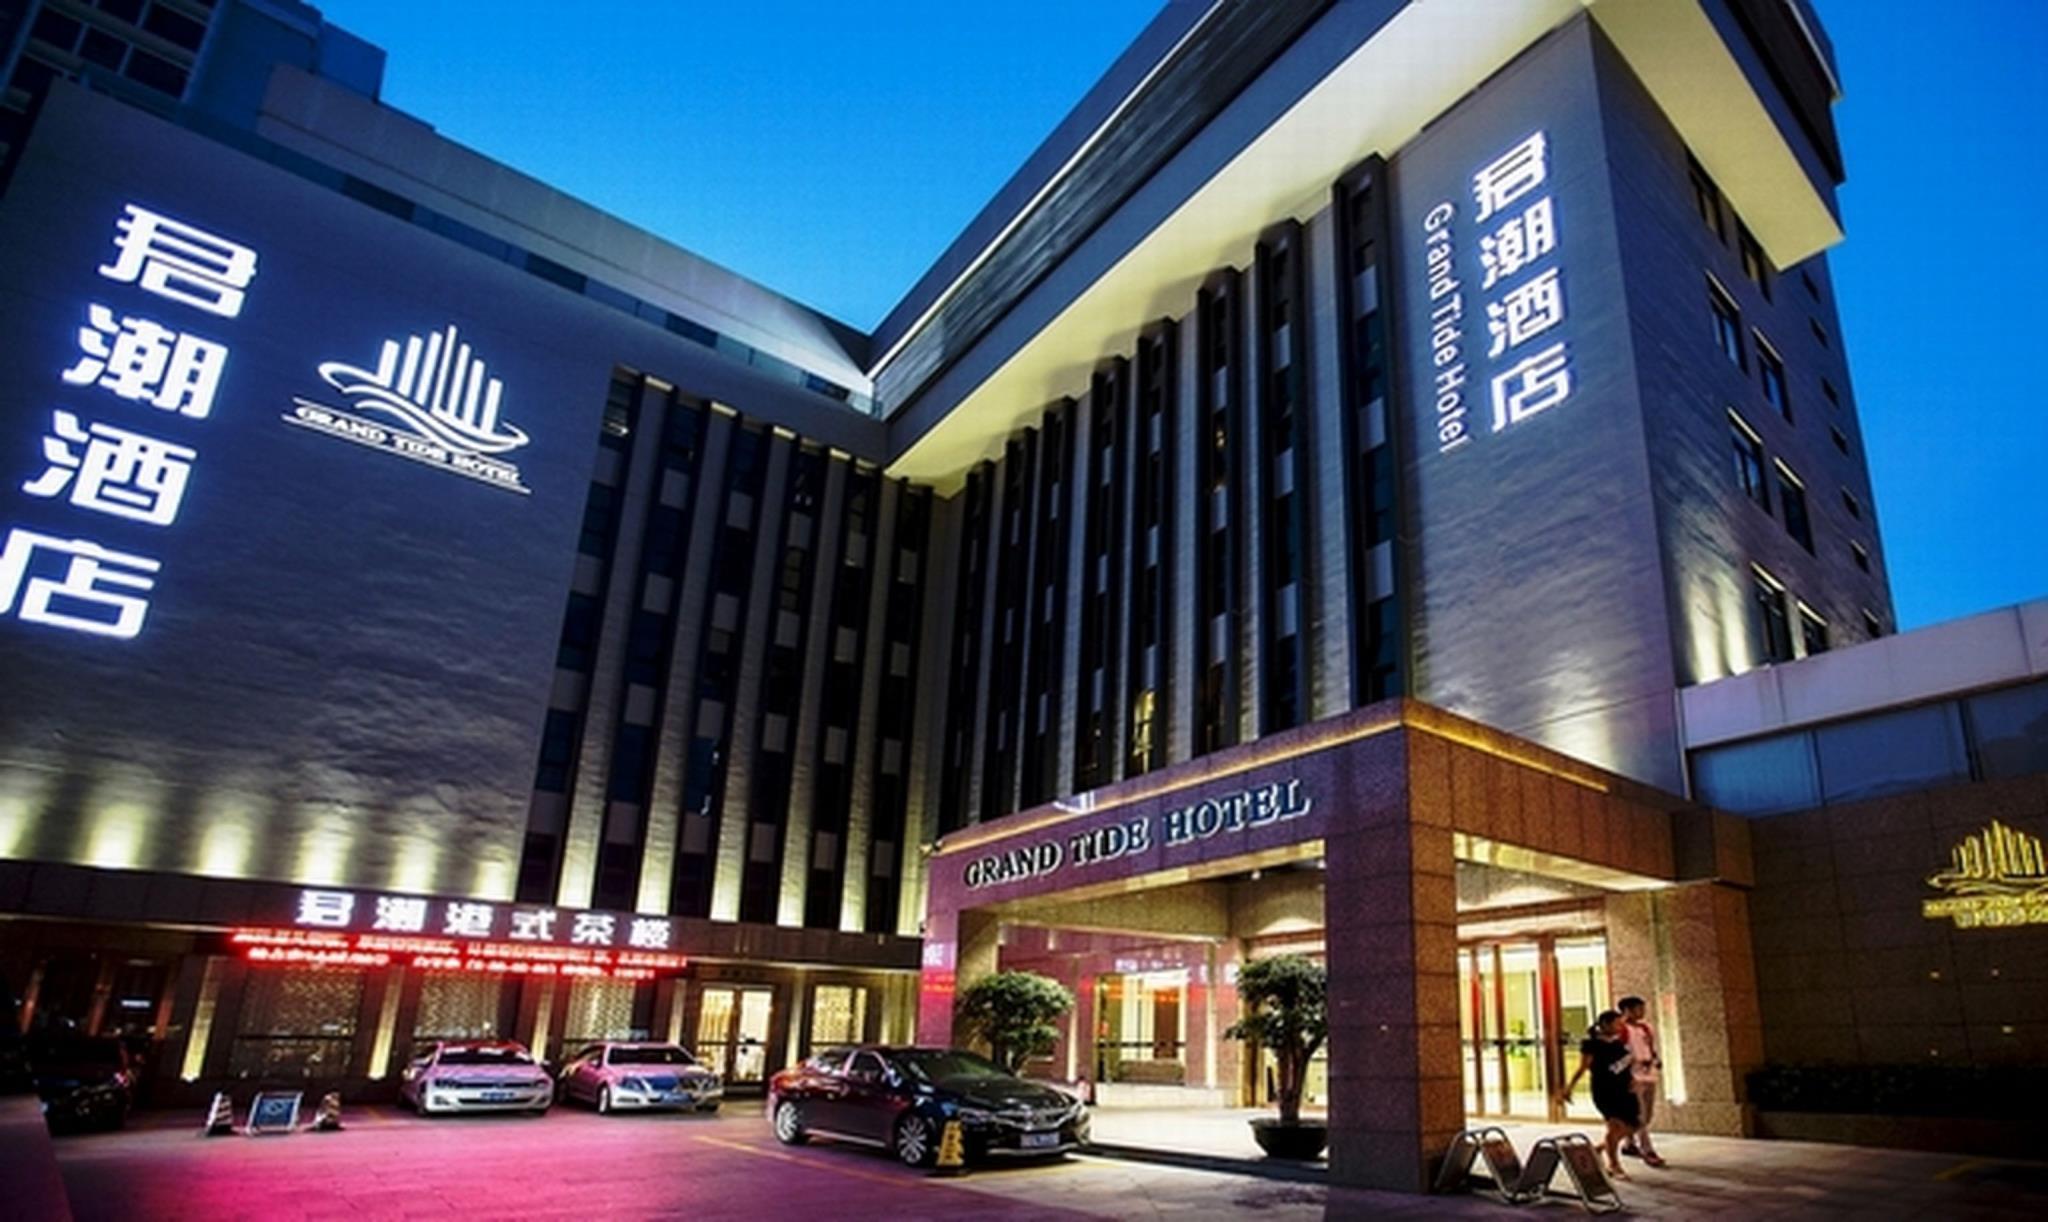 Shantou Grandtide Hotel